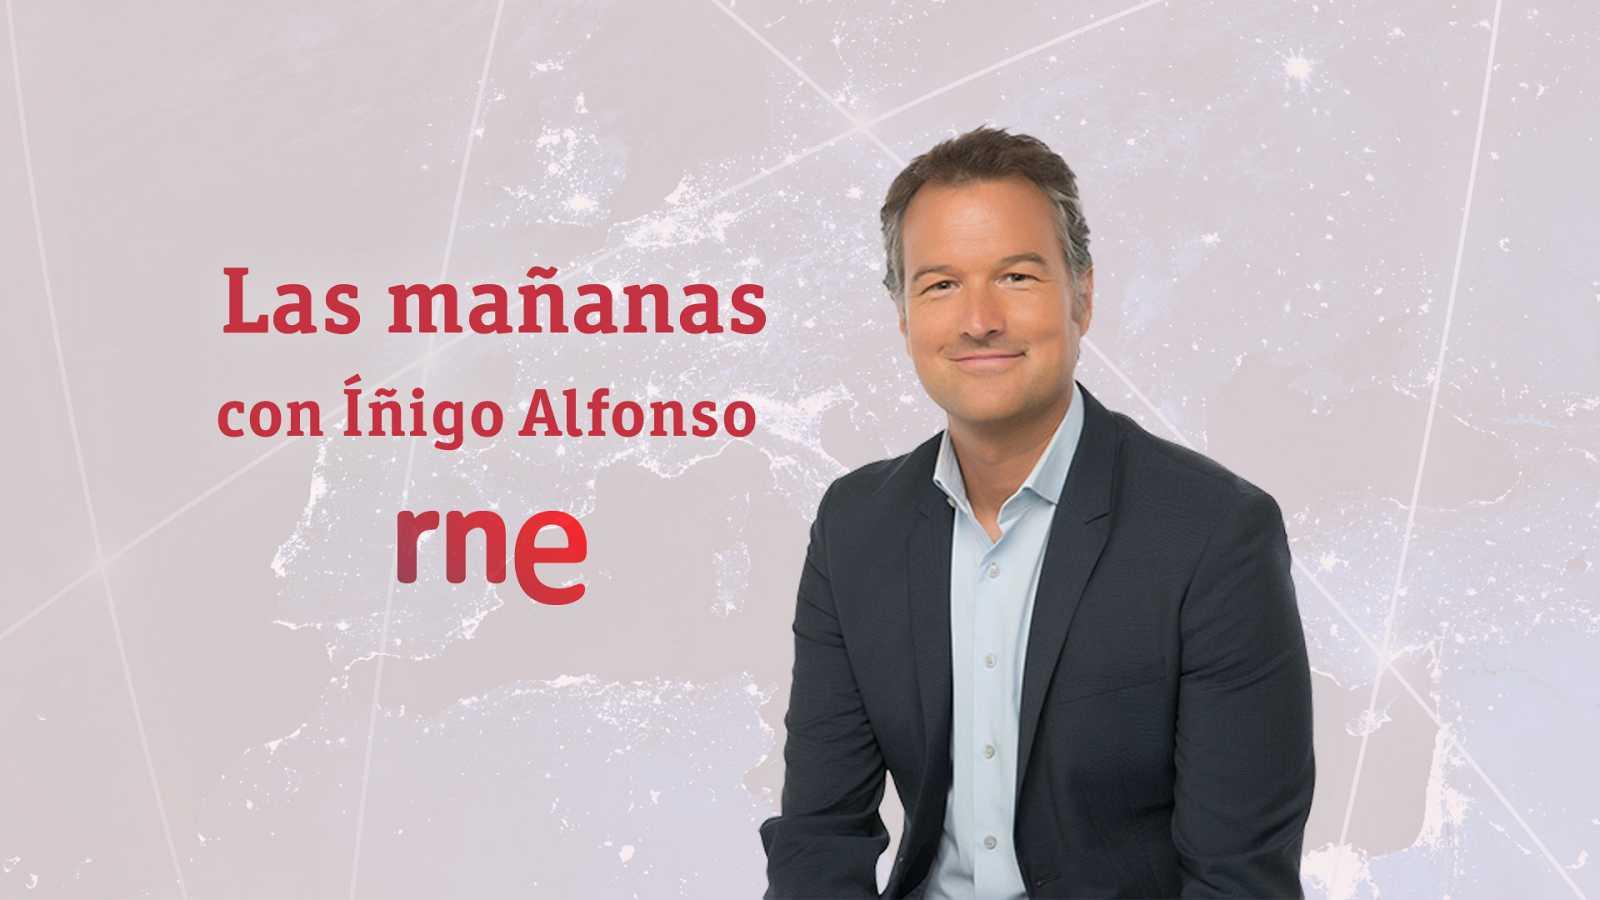 Las mañanas de RNE con Íñigo Alfonso - Segunda hora - 31/03/20 - Escuchar ahora